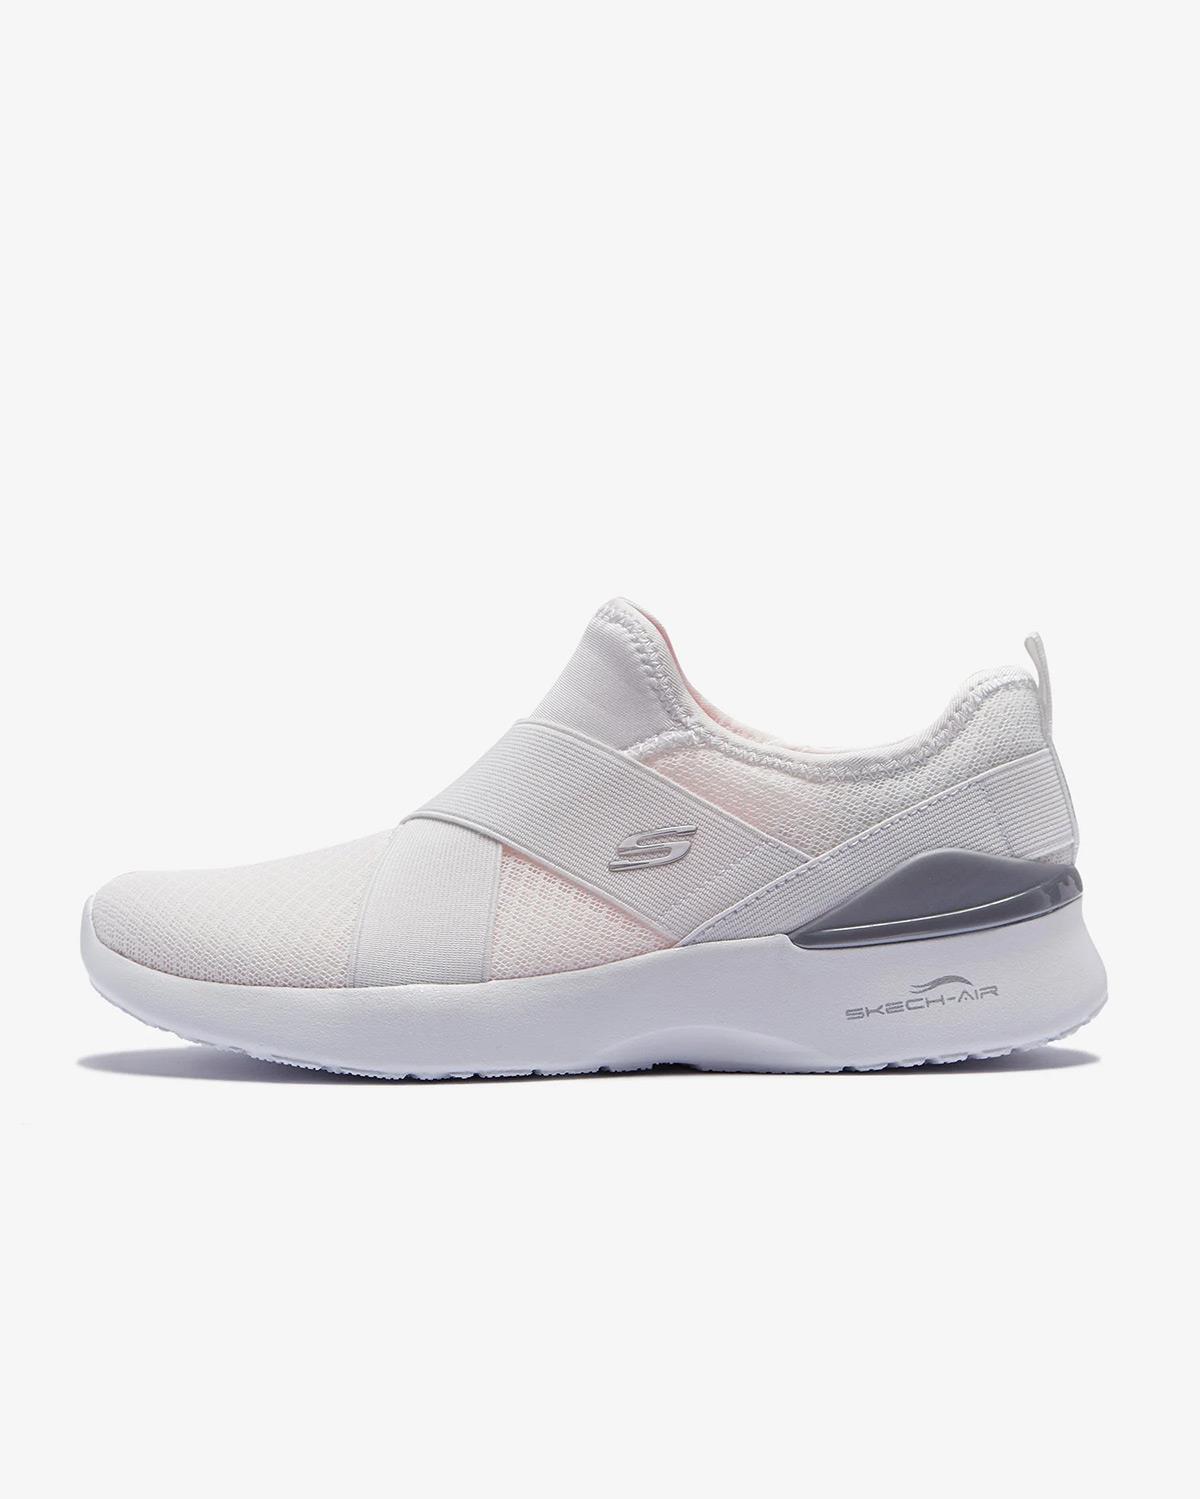 Skechers SKECH-AIR DYNAMIGHT-EASY CALL Kadın Ayakkabısı